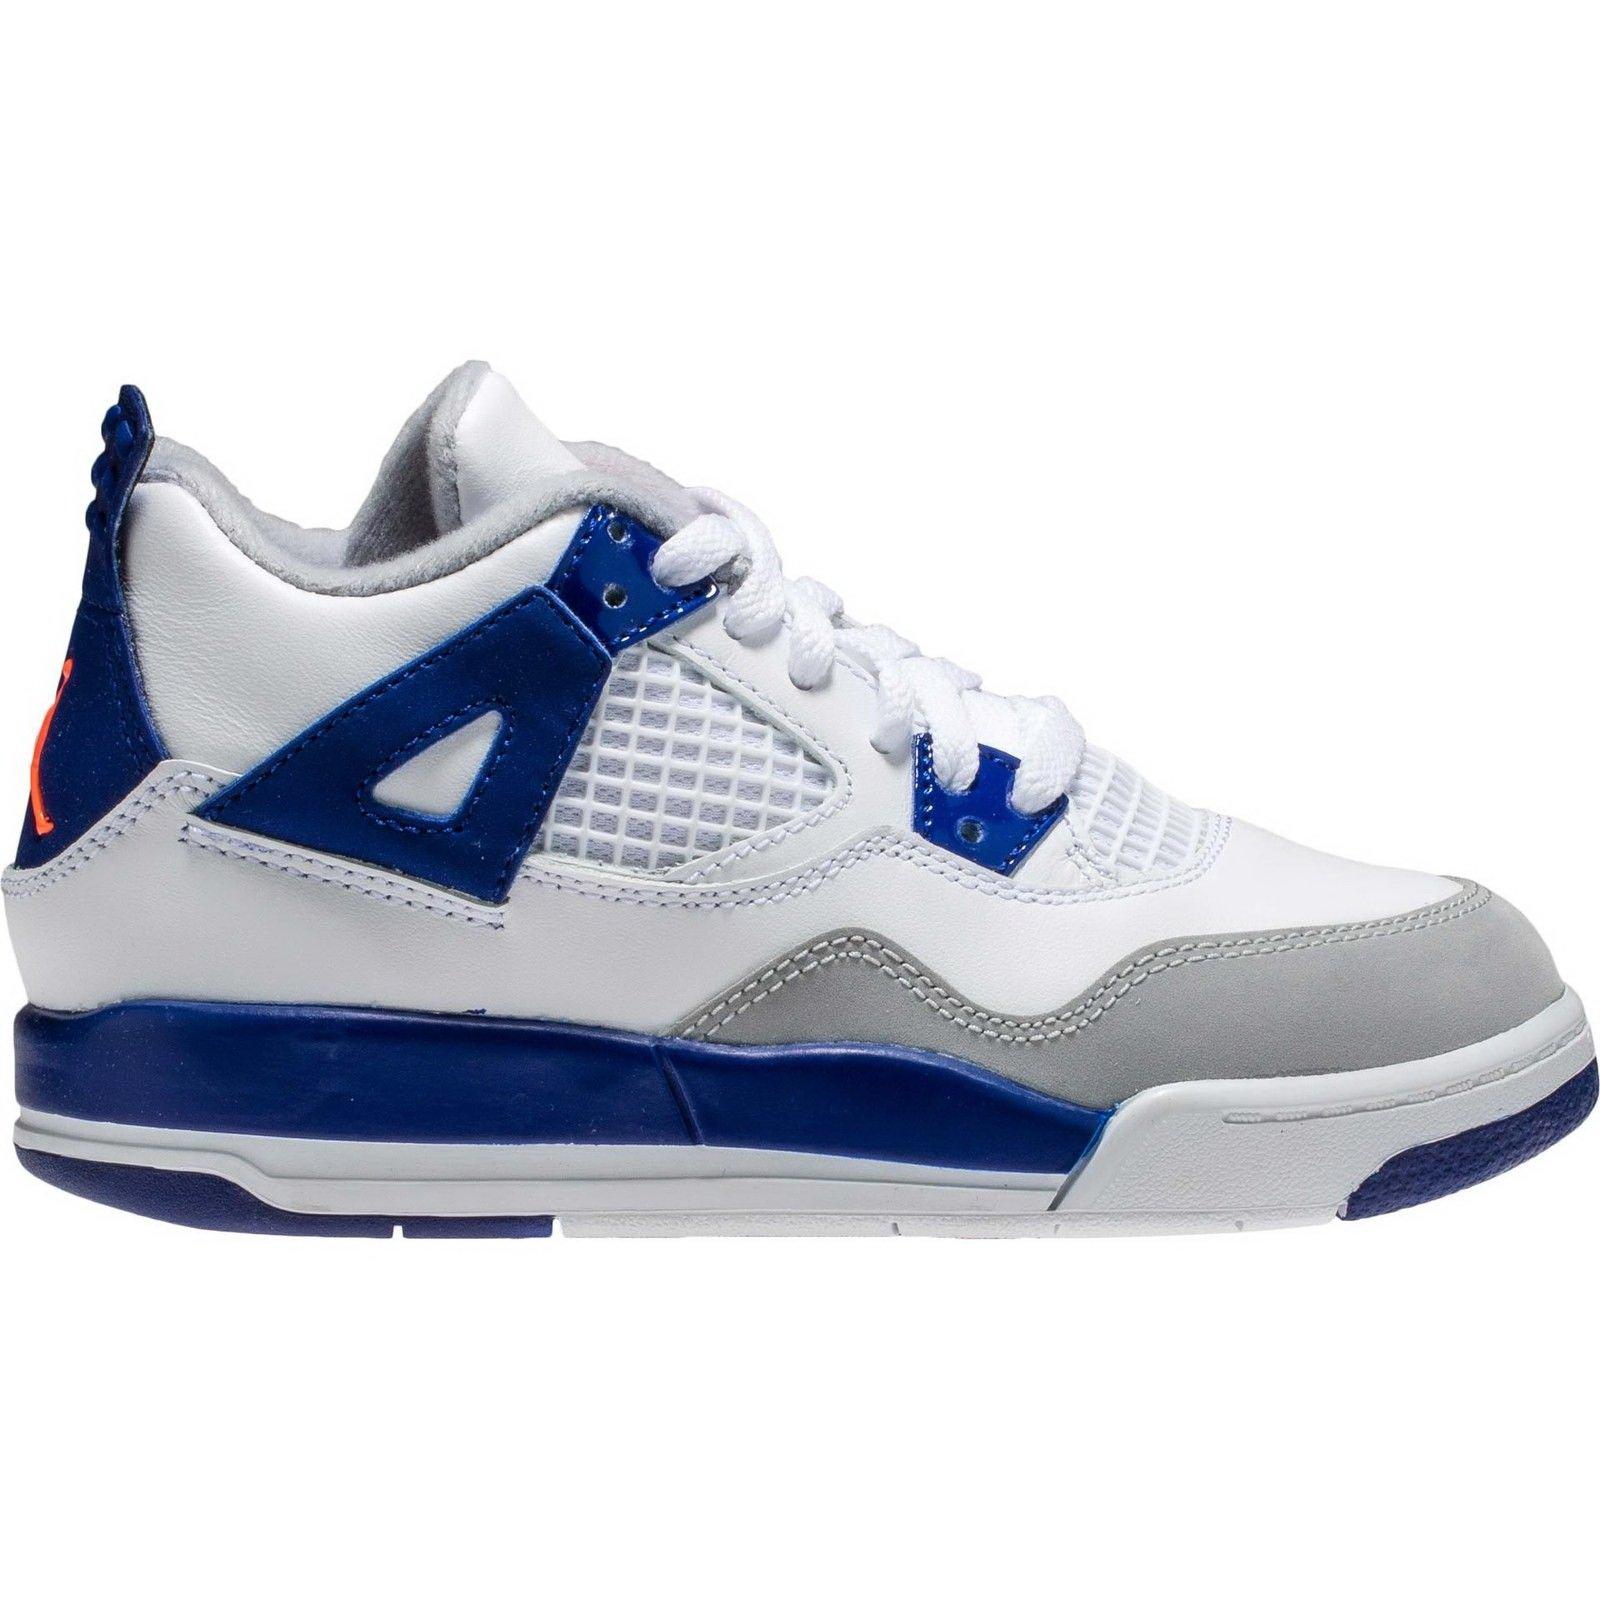 JORDAN 4 RETRO GP Girls sneakers 487725